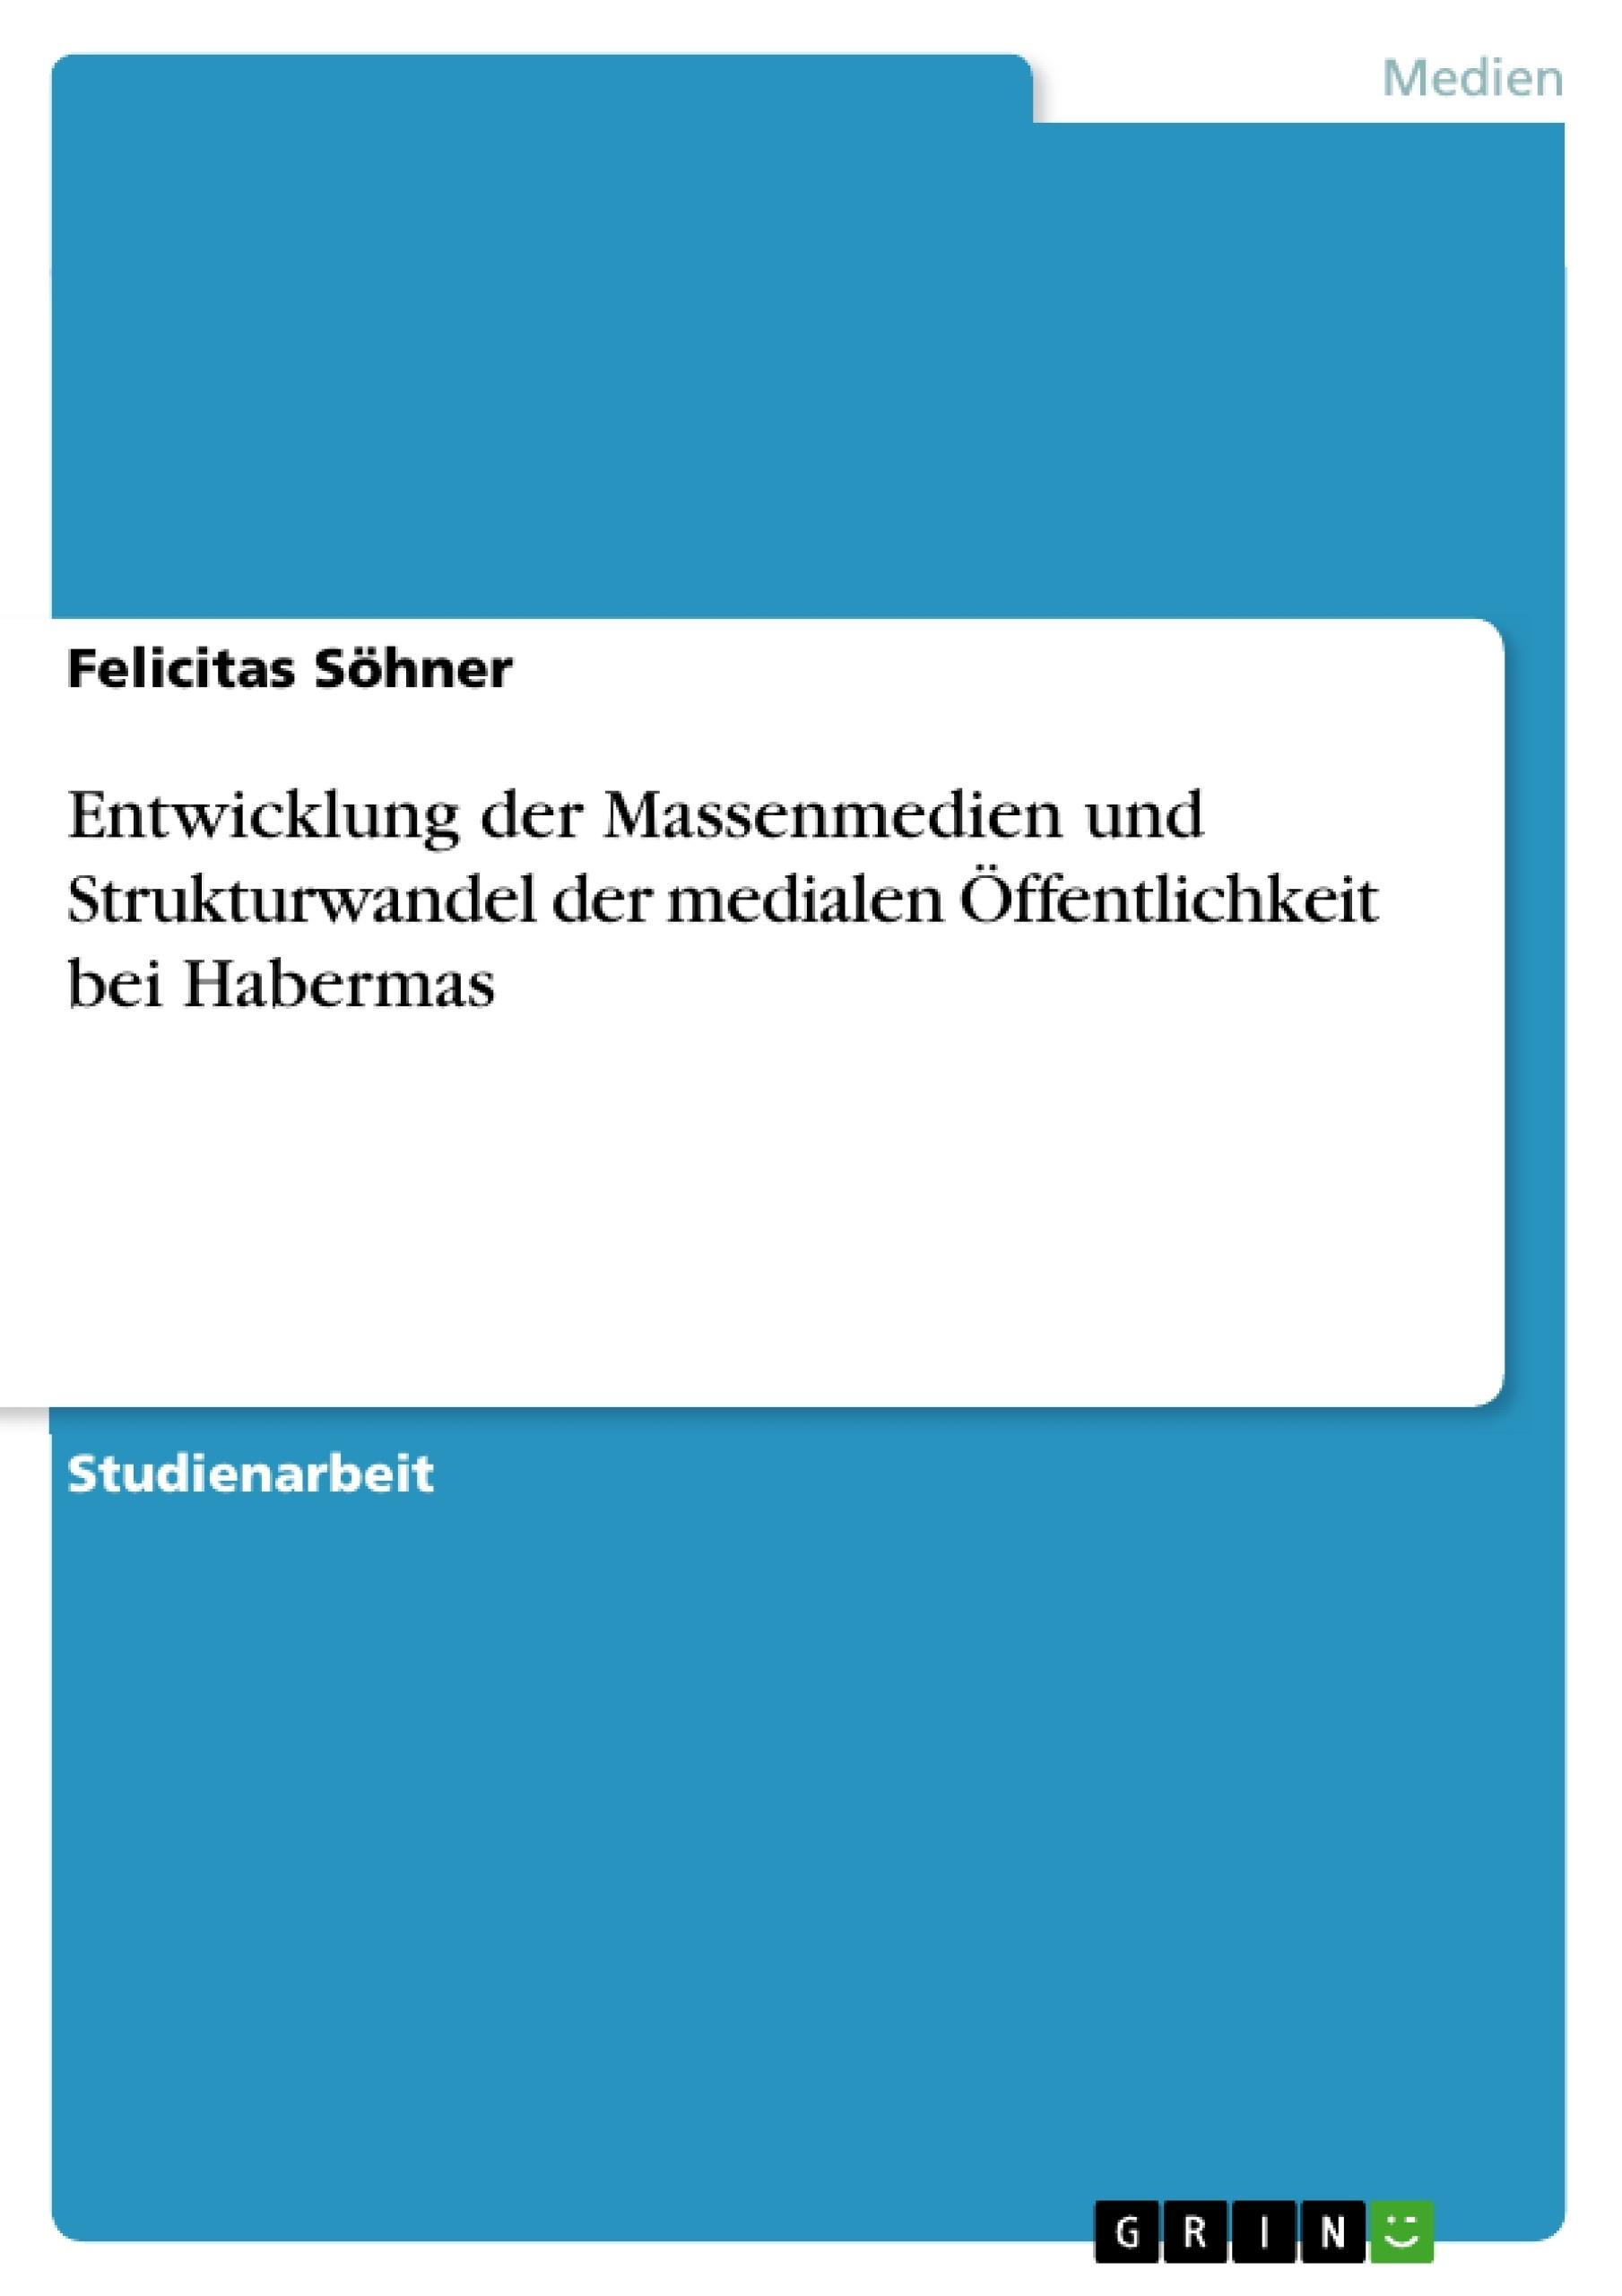 Titel: Entwicklung der Massenmedien und Strukturwandel der medialen Öffentlichkeit bei Habermas